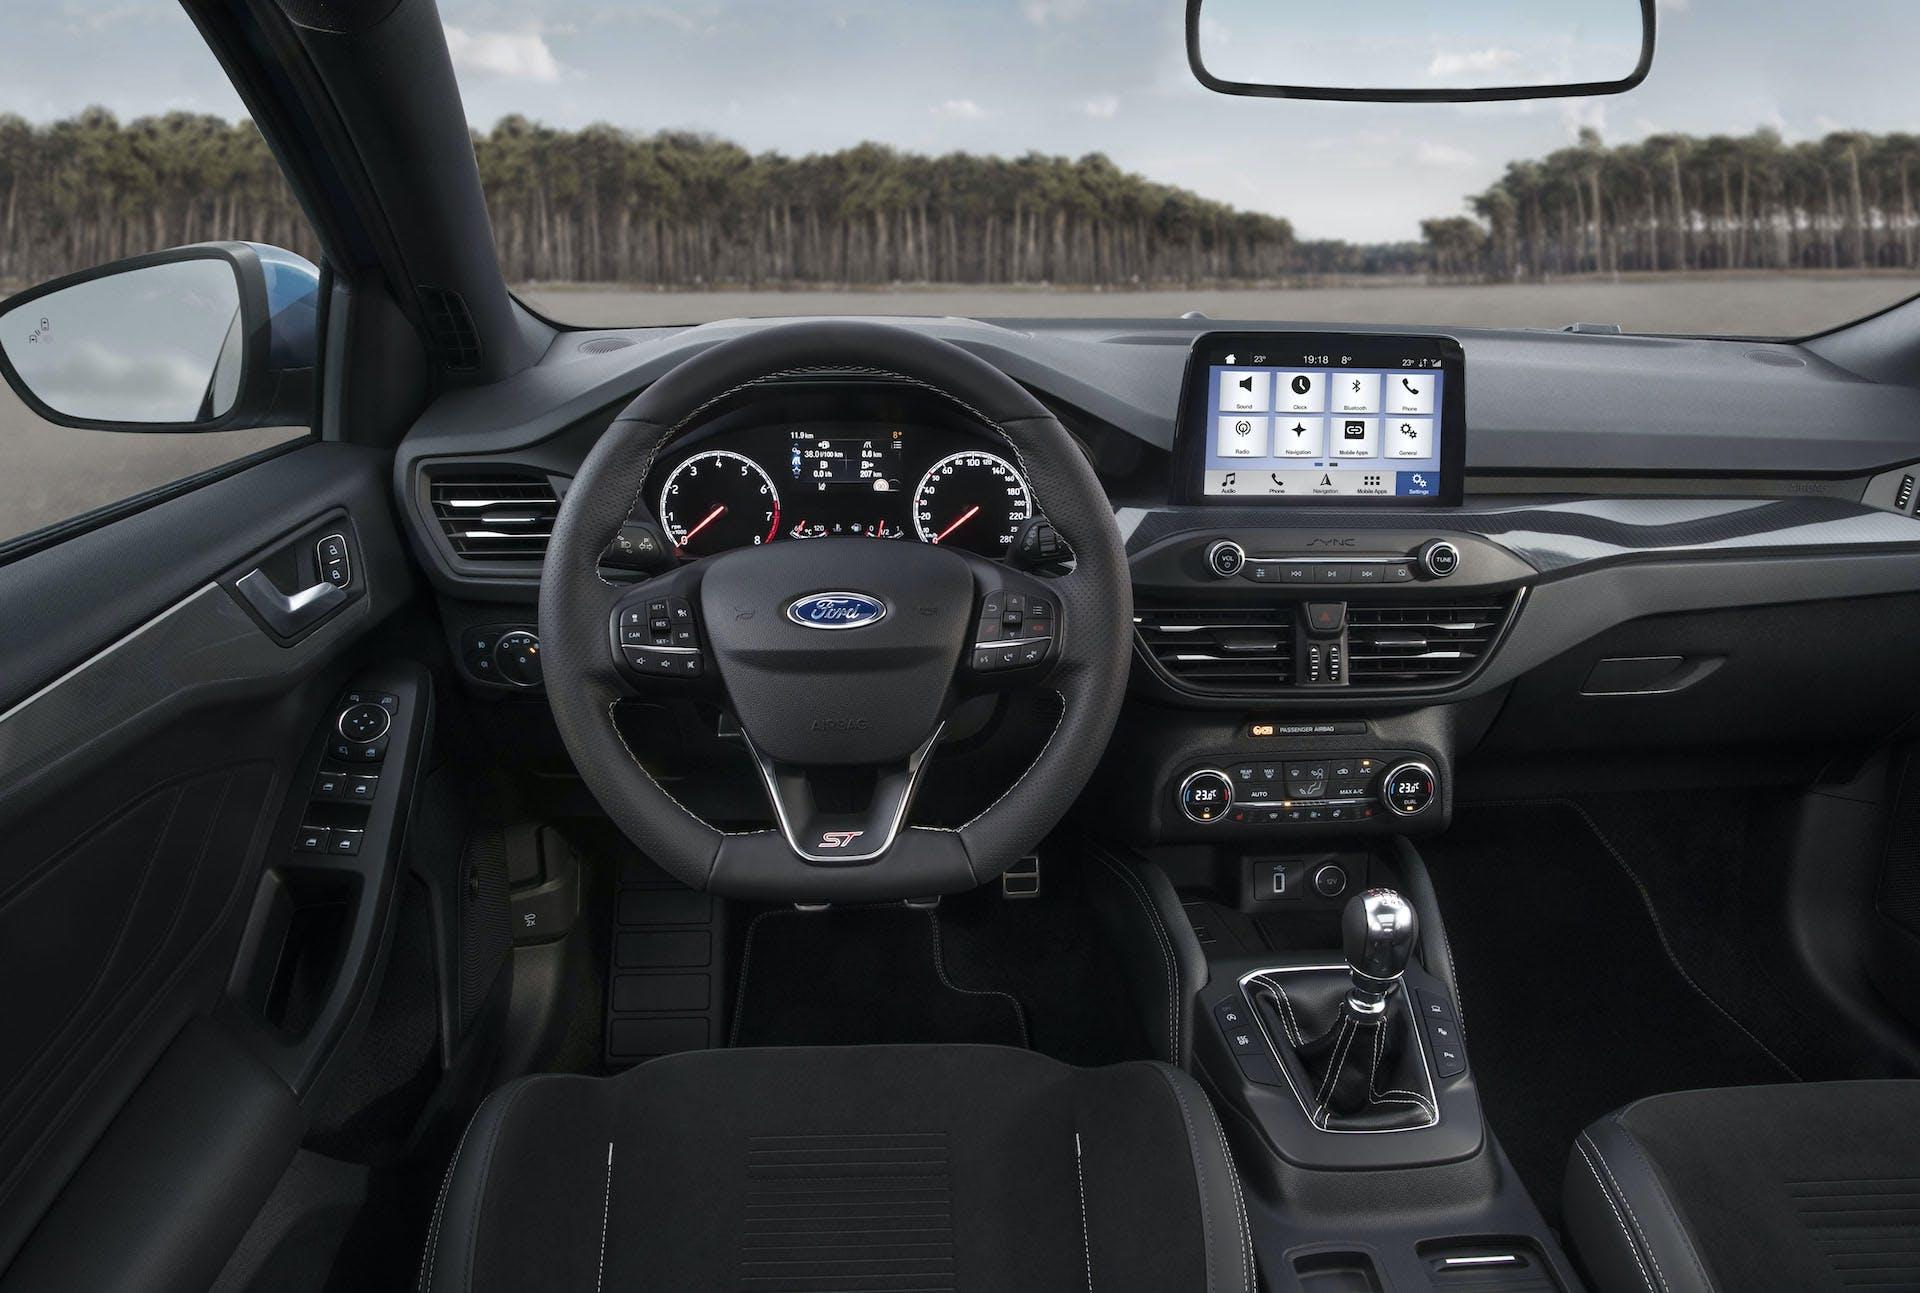 Ford Focus ST 2019 blu plancia e comandi